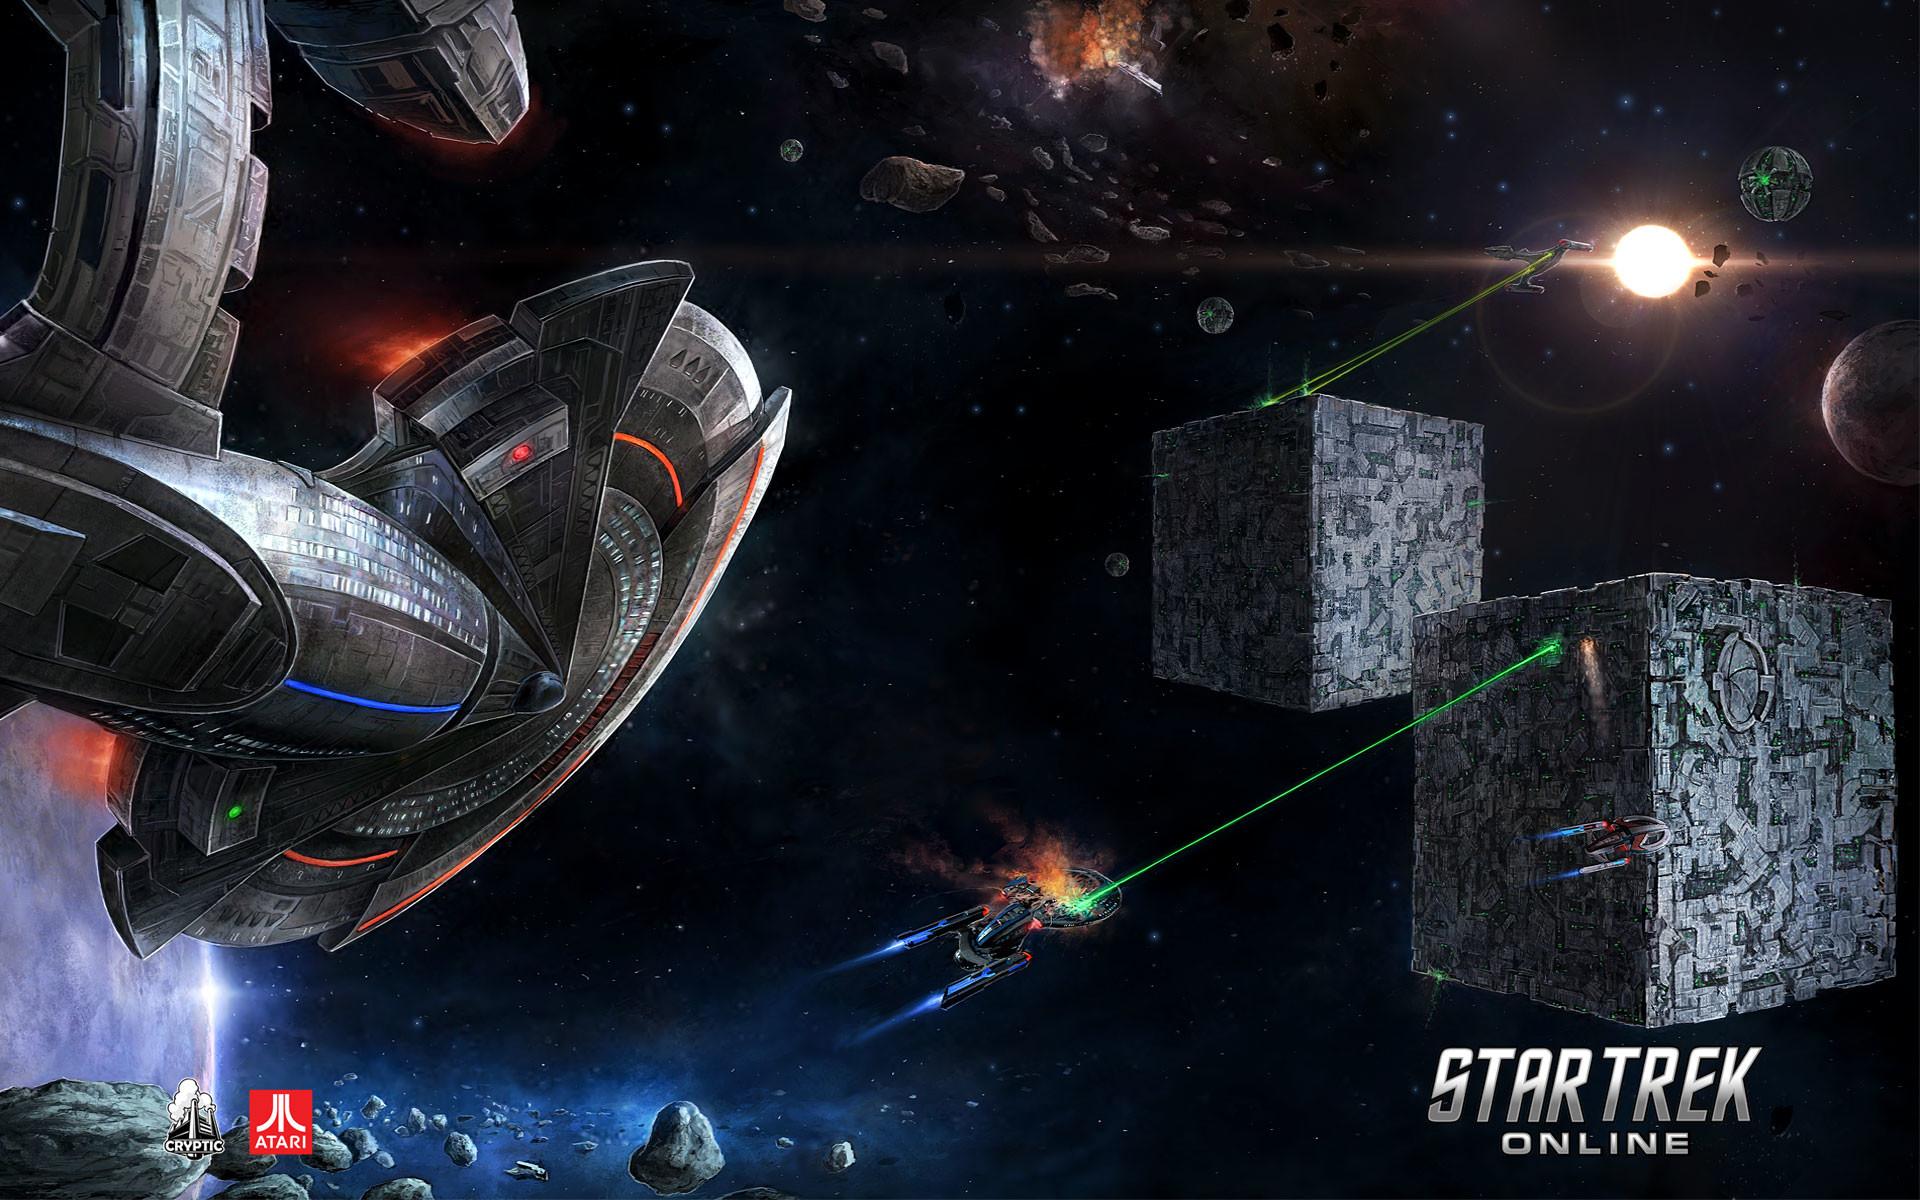 star trek space scenes – Google Search | Star Trek Forever | Pinterest | Star  trek, Hd wallpaper and Wallpaper